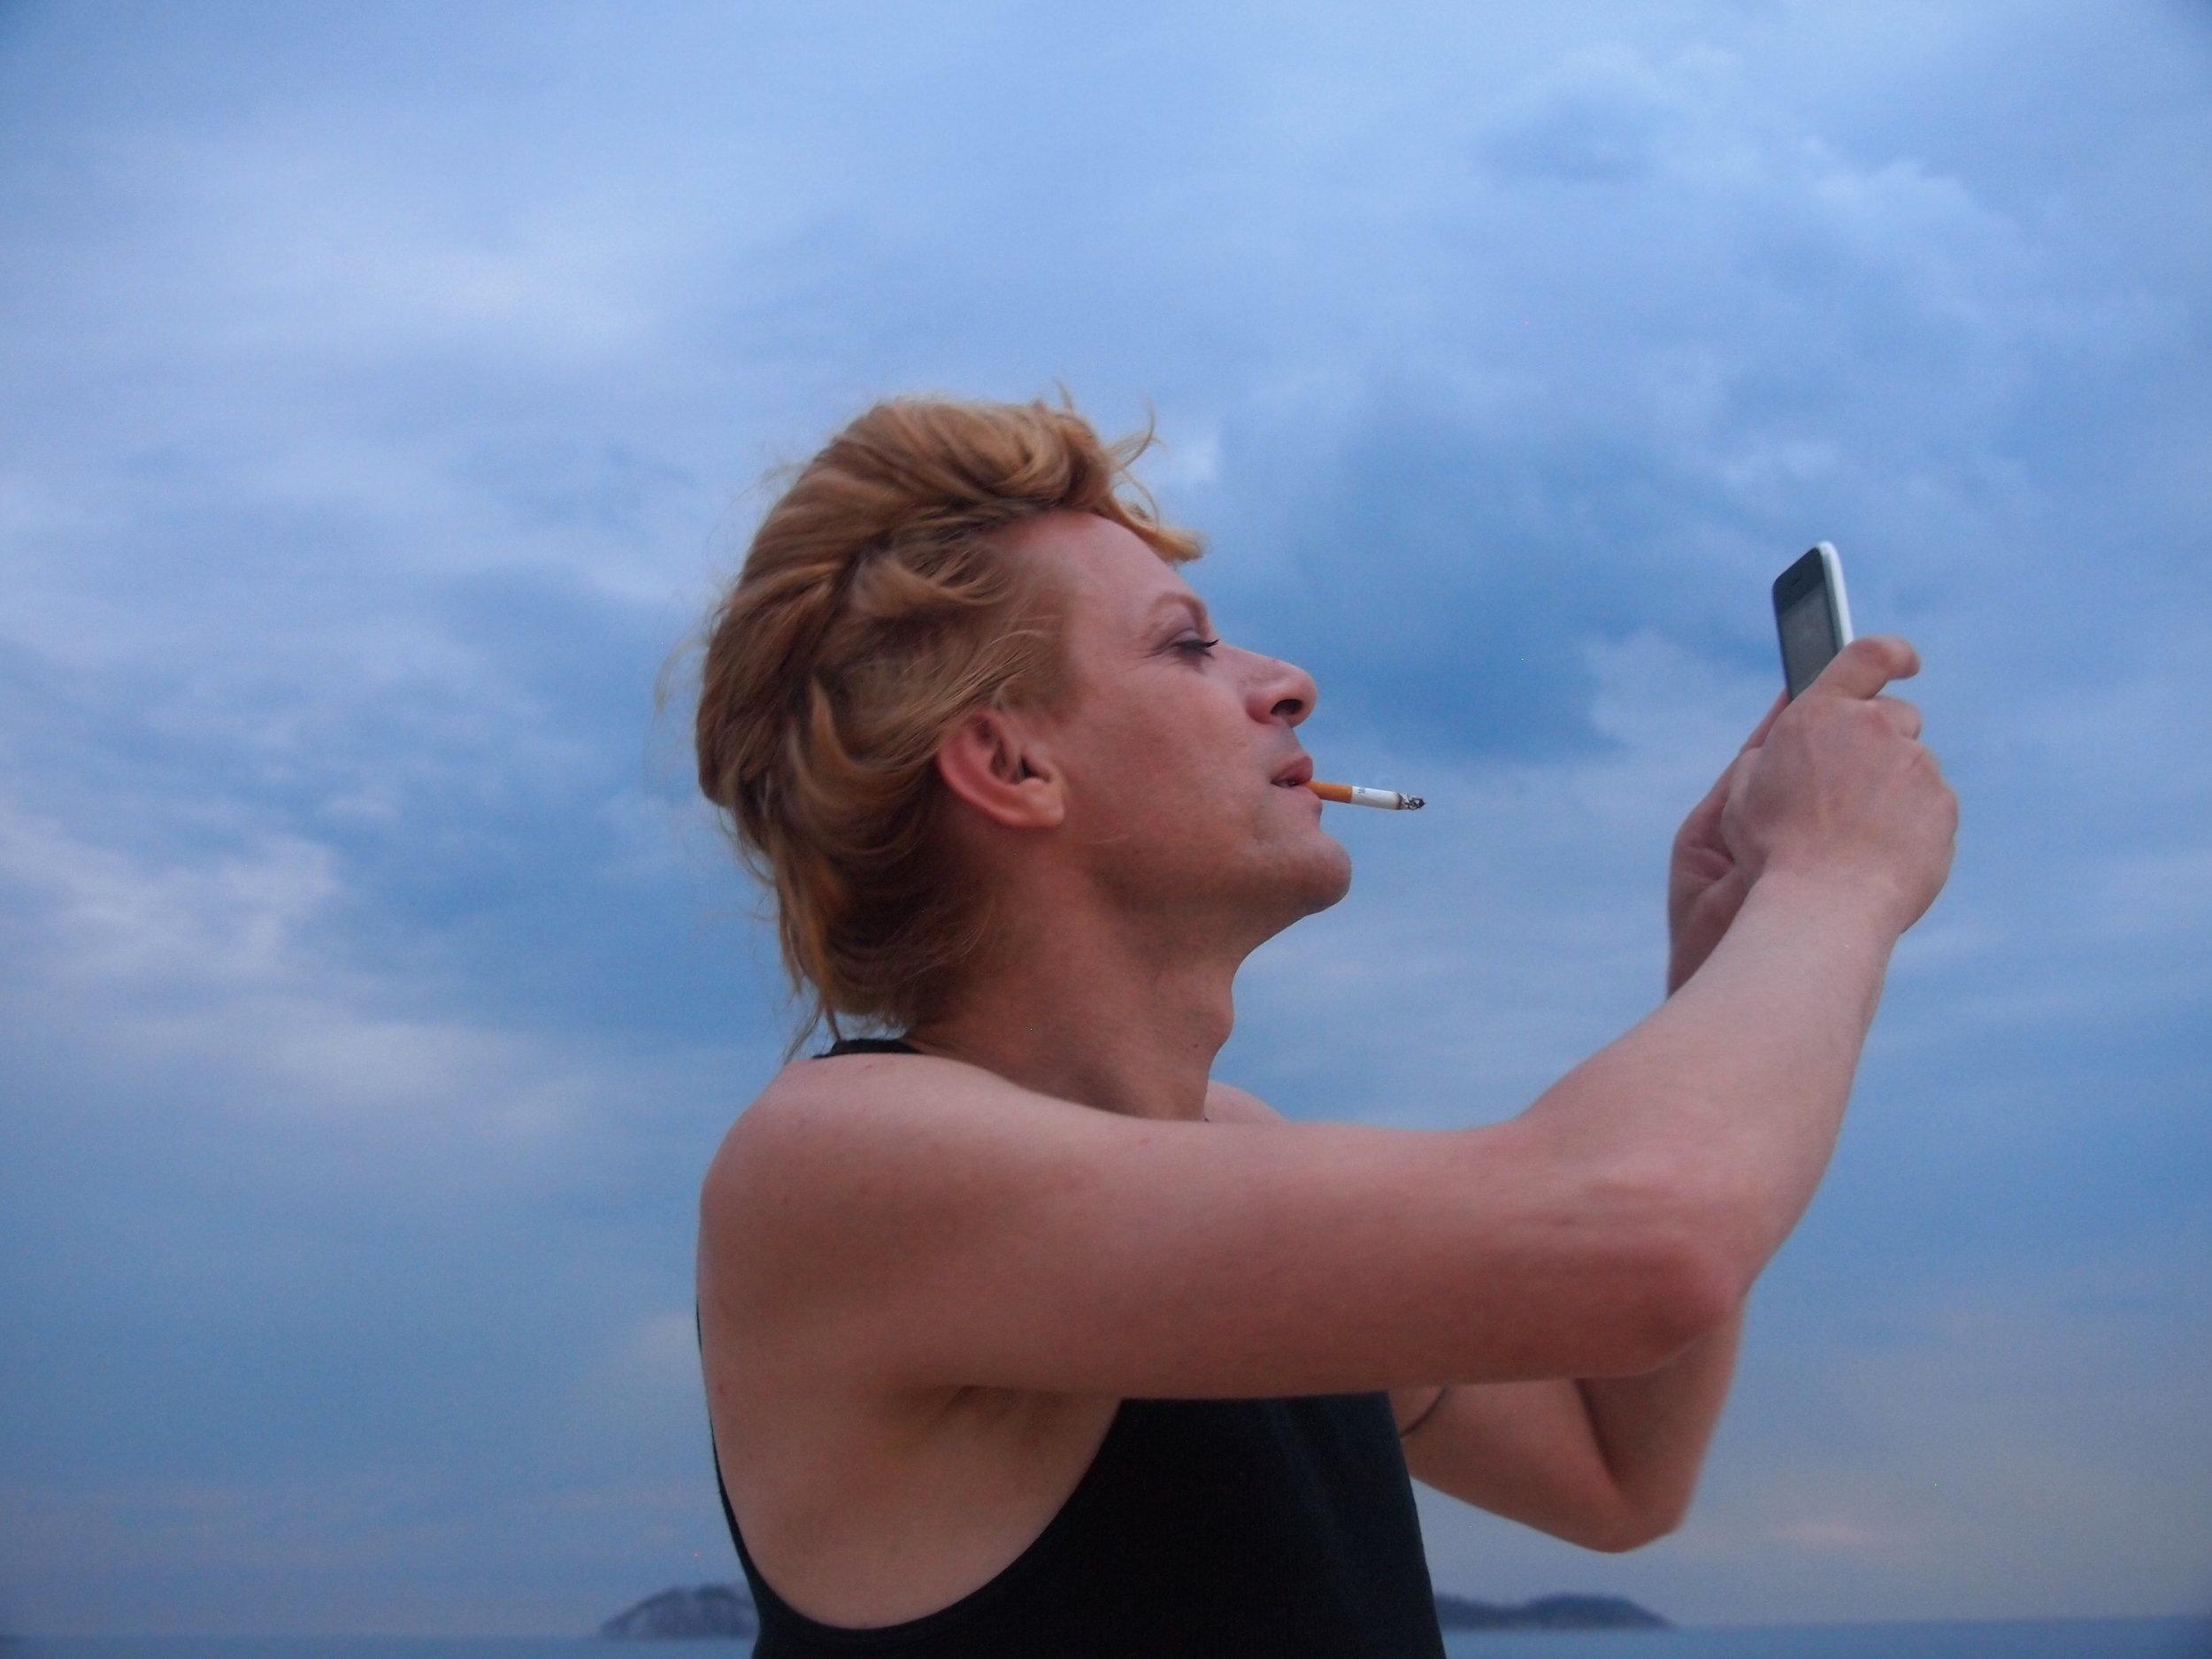 Copy of David Bowie, Rio De Janeiro, 2011